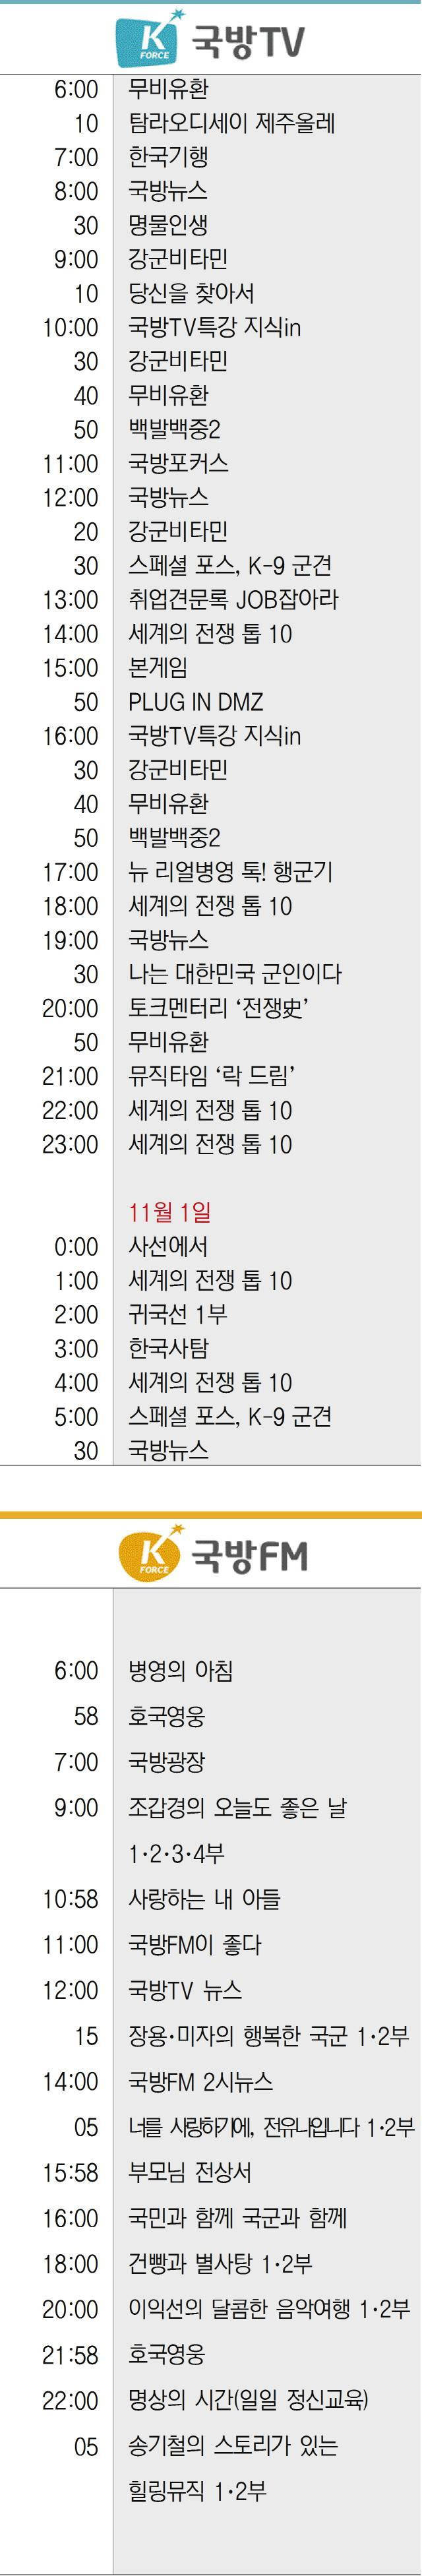 국방TV 국방FM 편성표